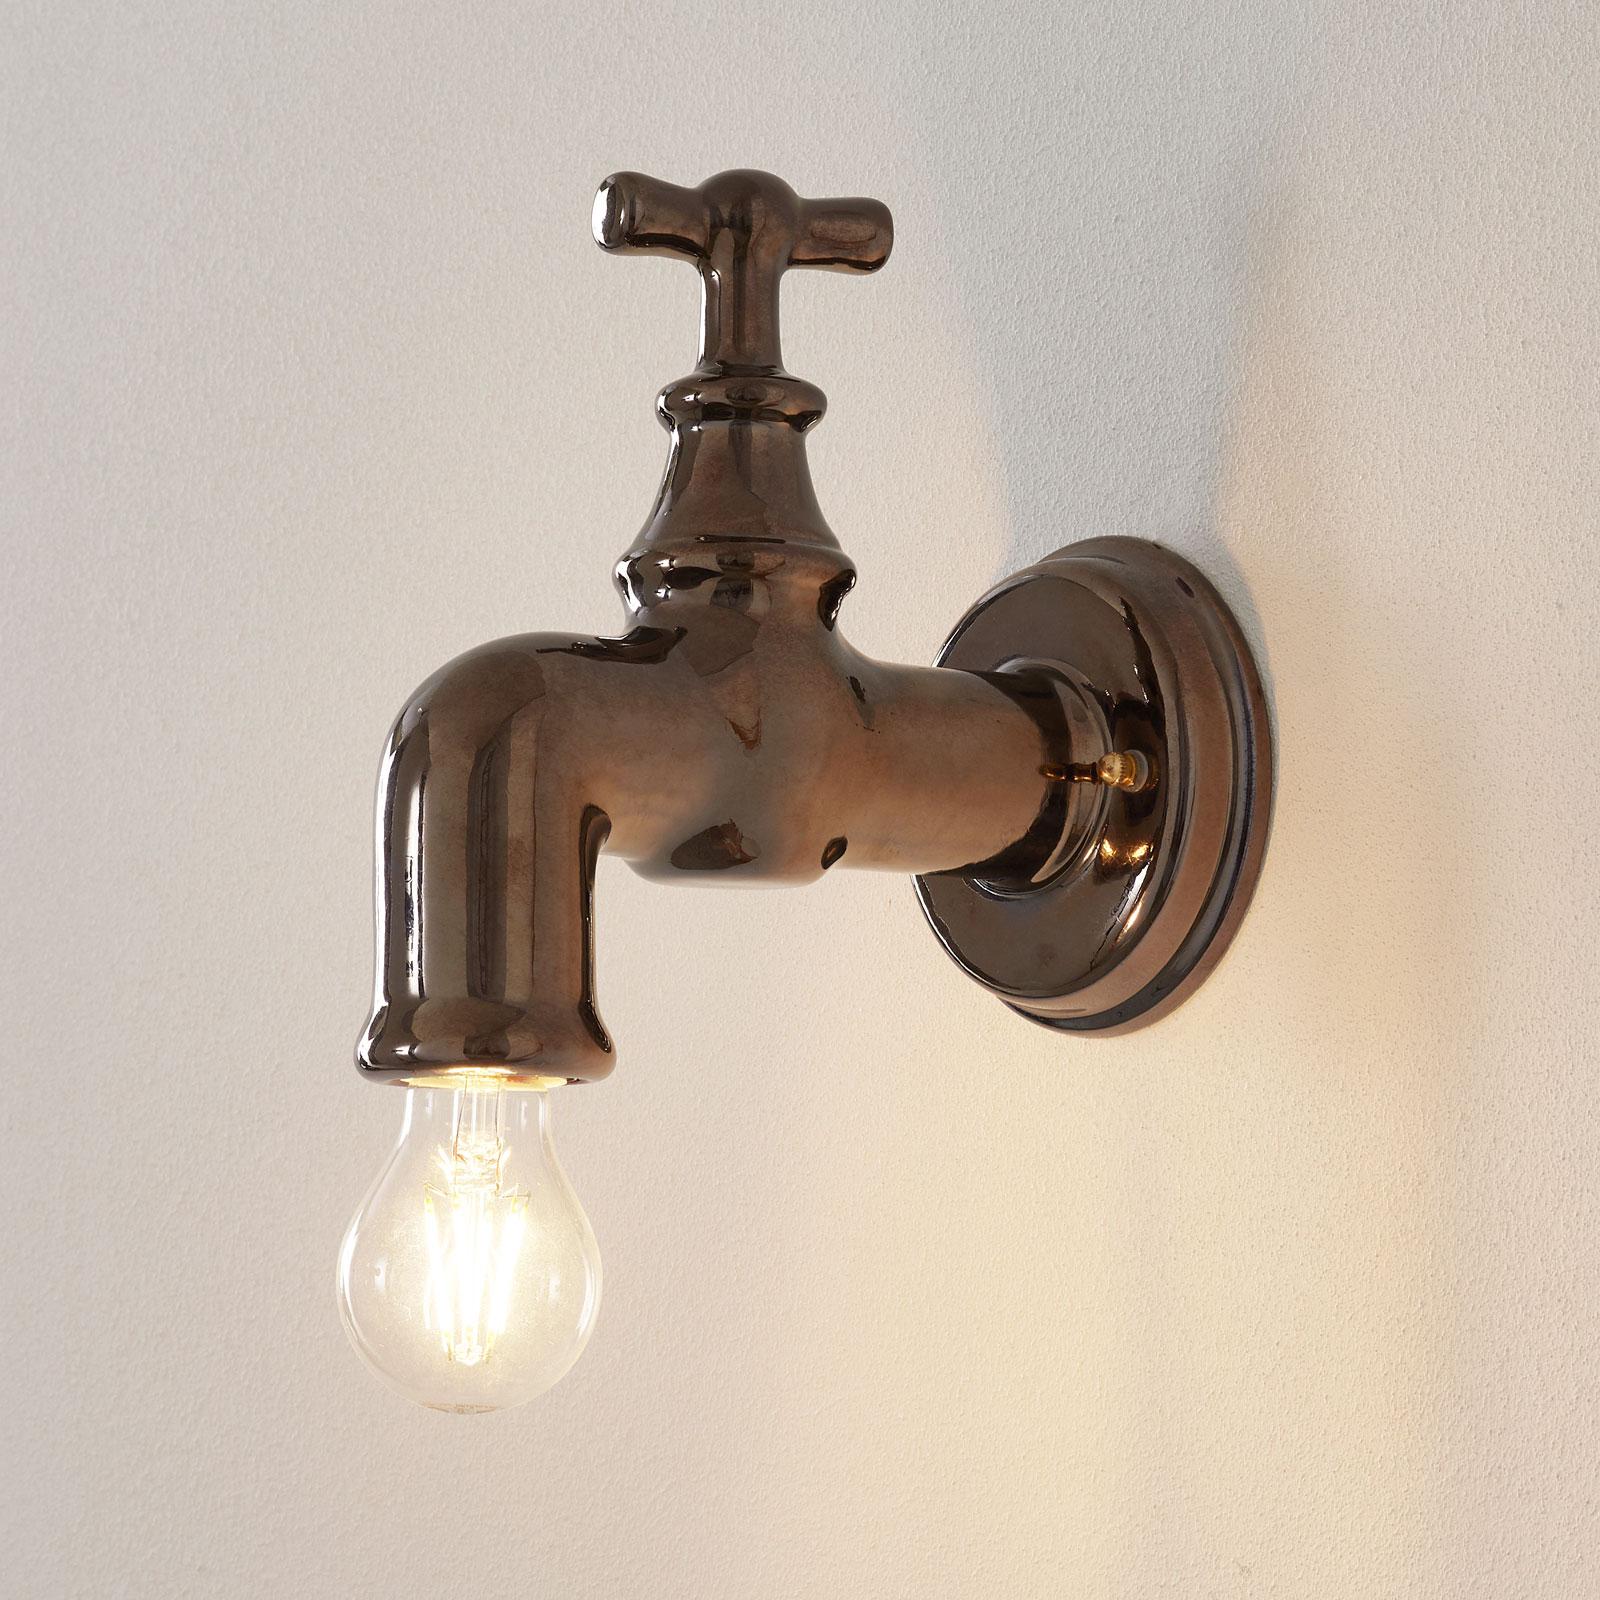 Vägglampa Rubinetto av keramik, blänkande silver